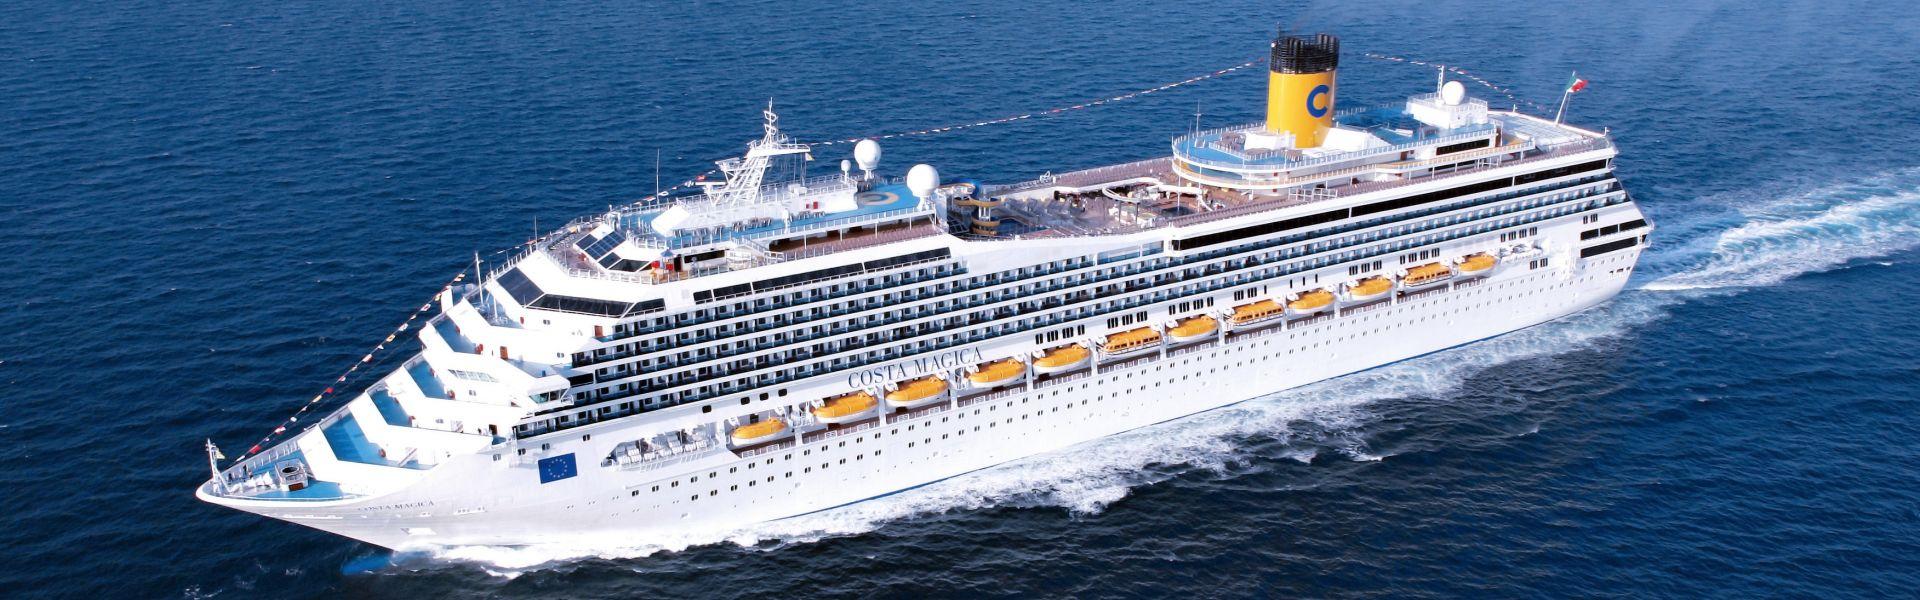 Croaziera 2018 - Baltice/Rusia (Stockholm) - Costa Cruises - Costa Magica - 7 nopti